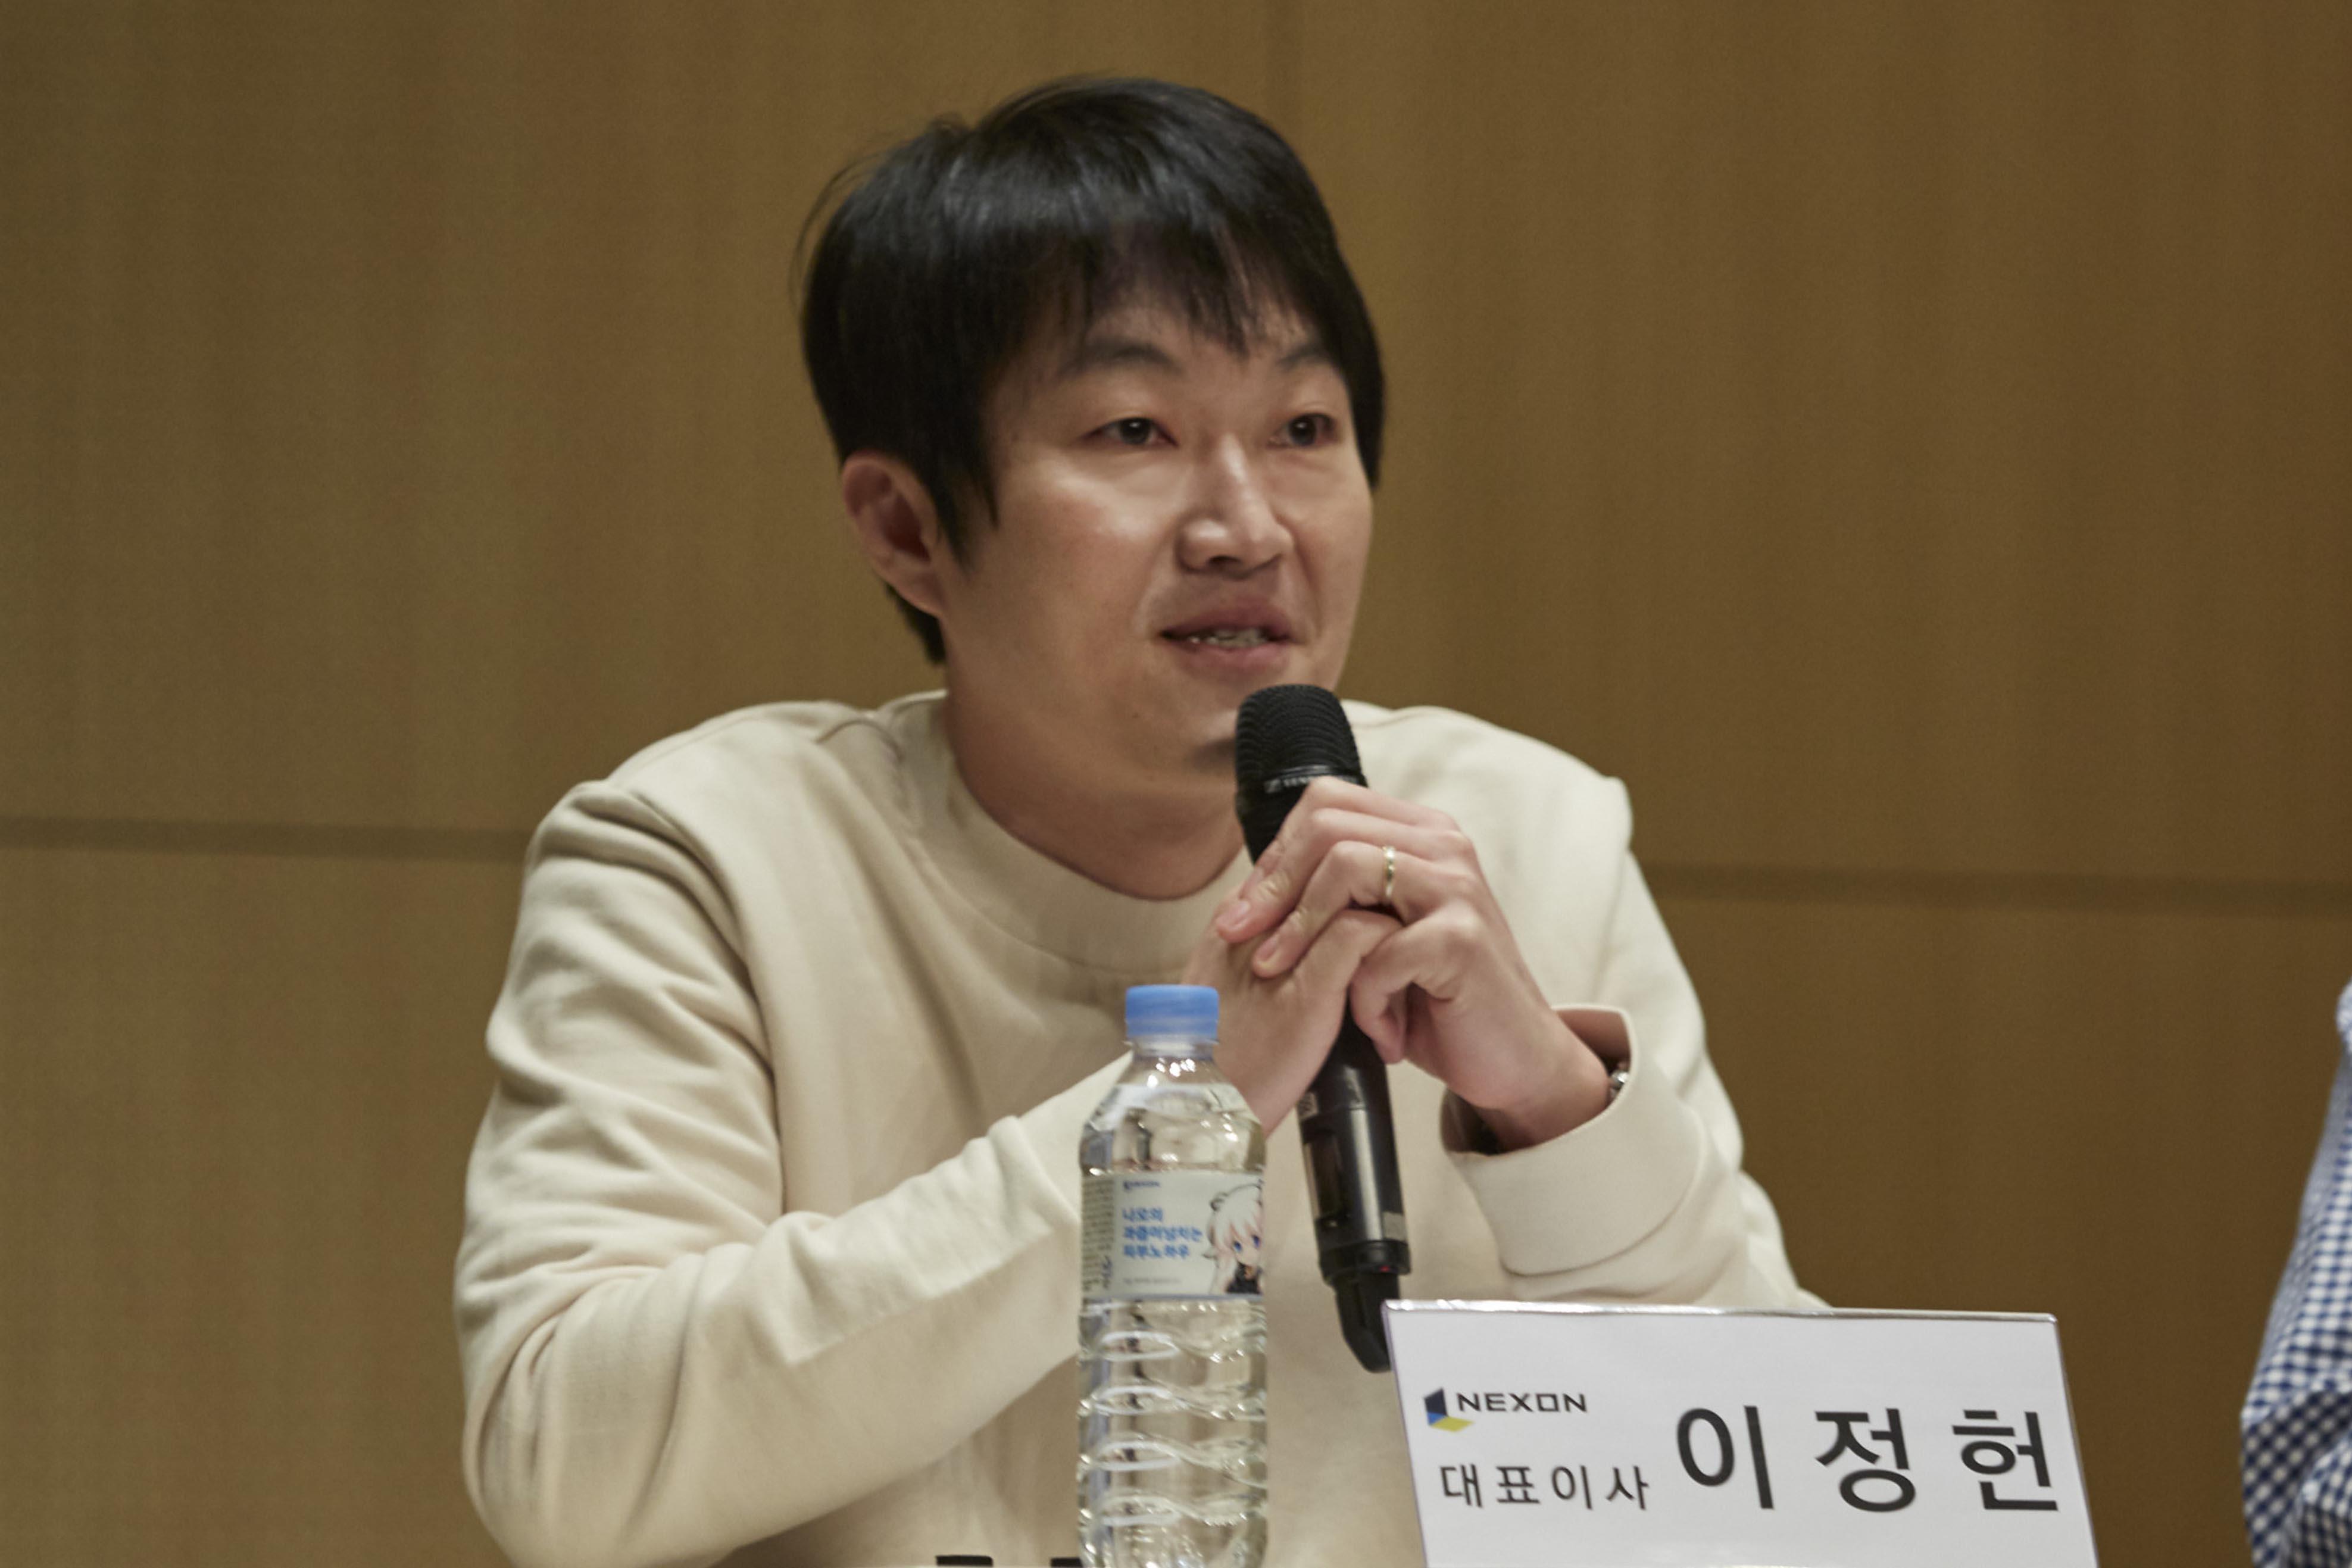 ▲ 이정헌 넥슨 대표